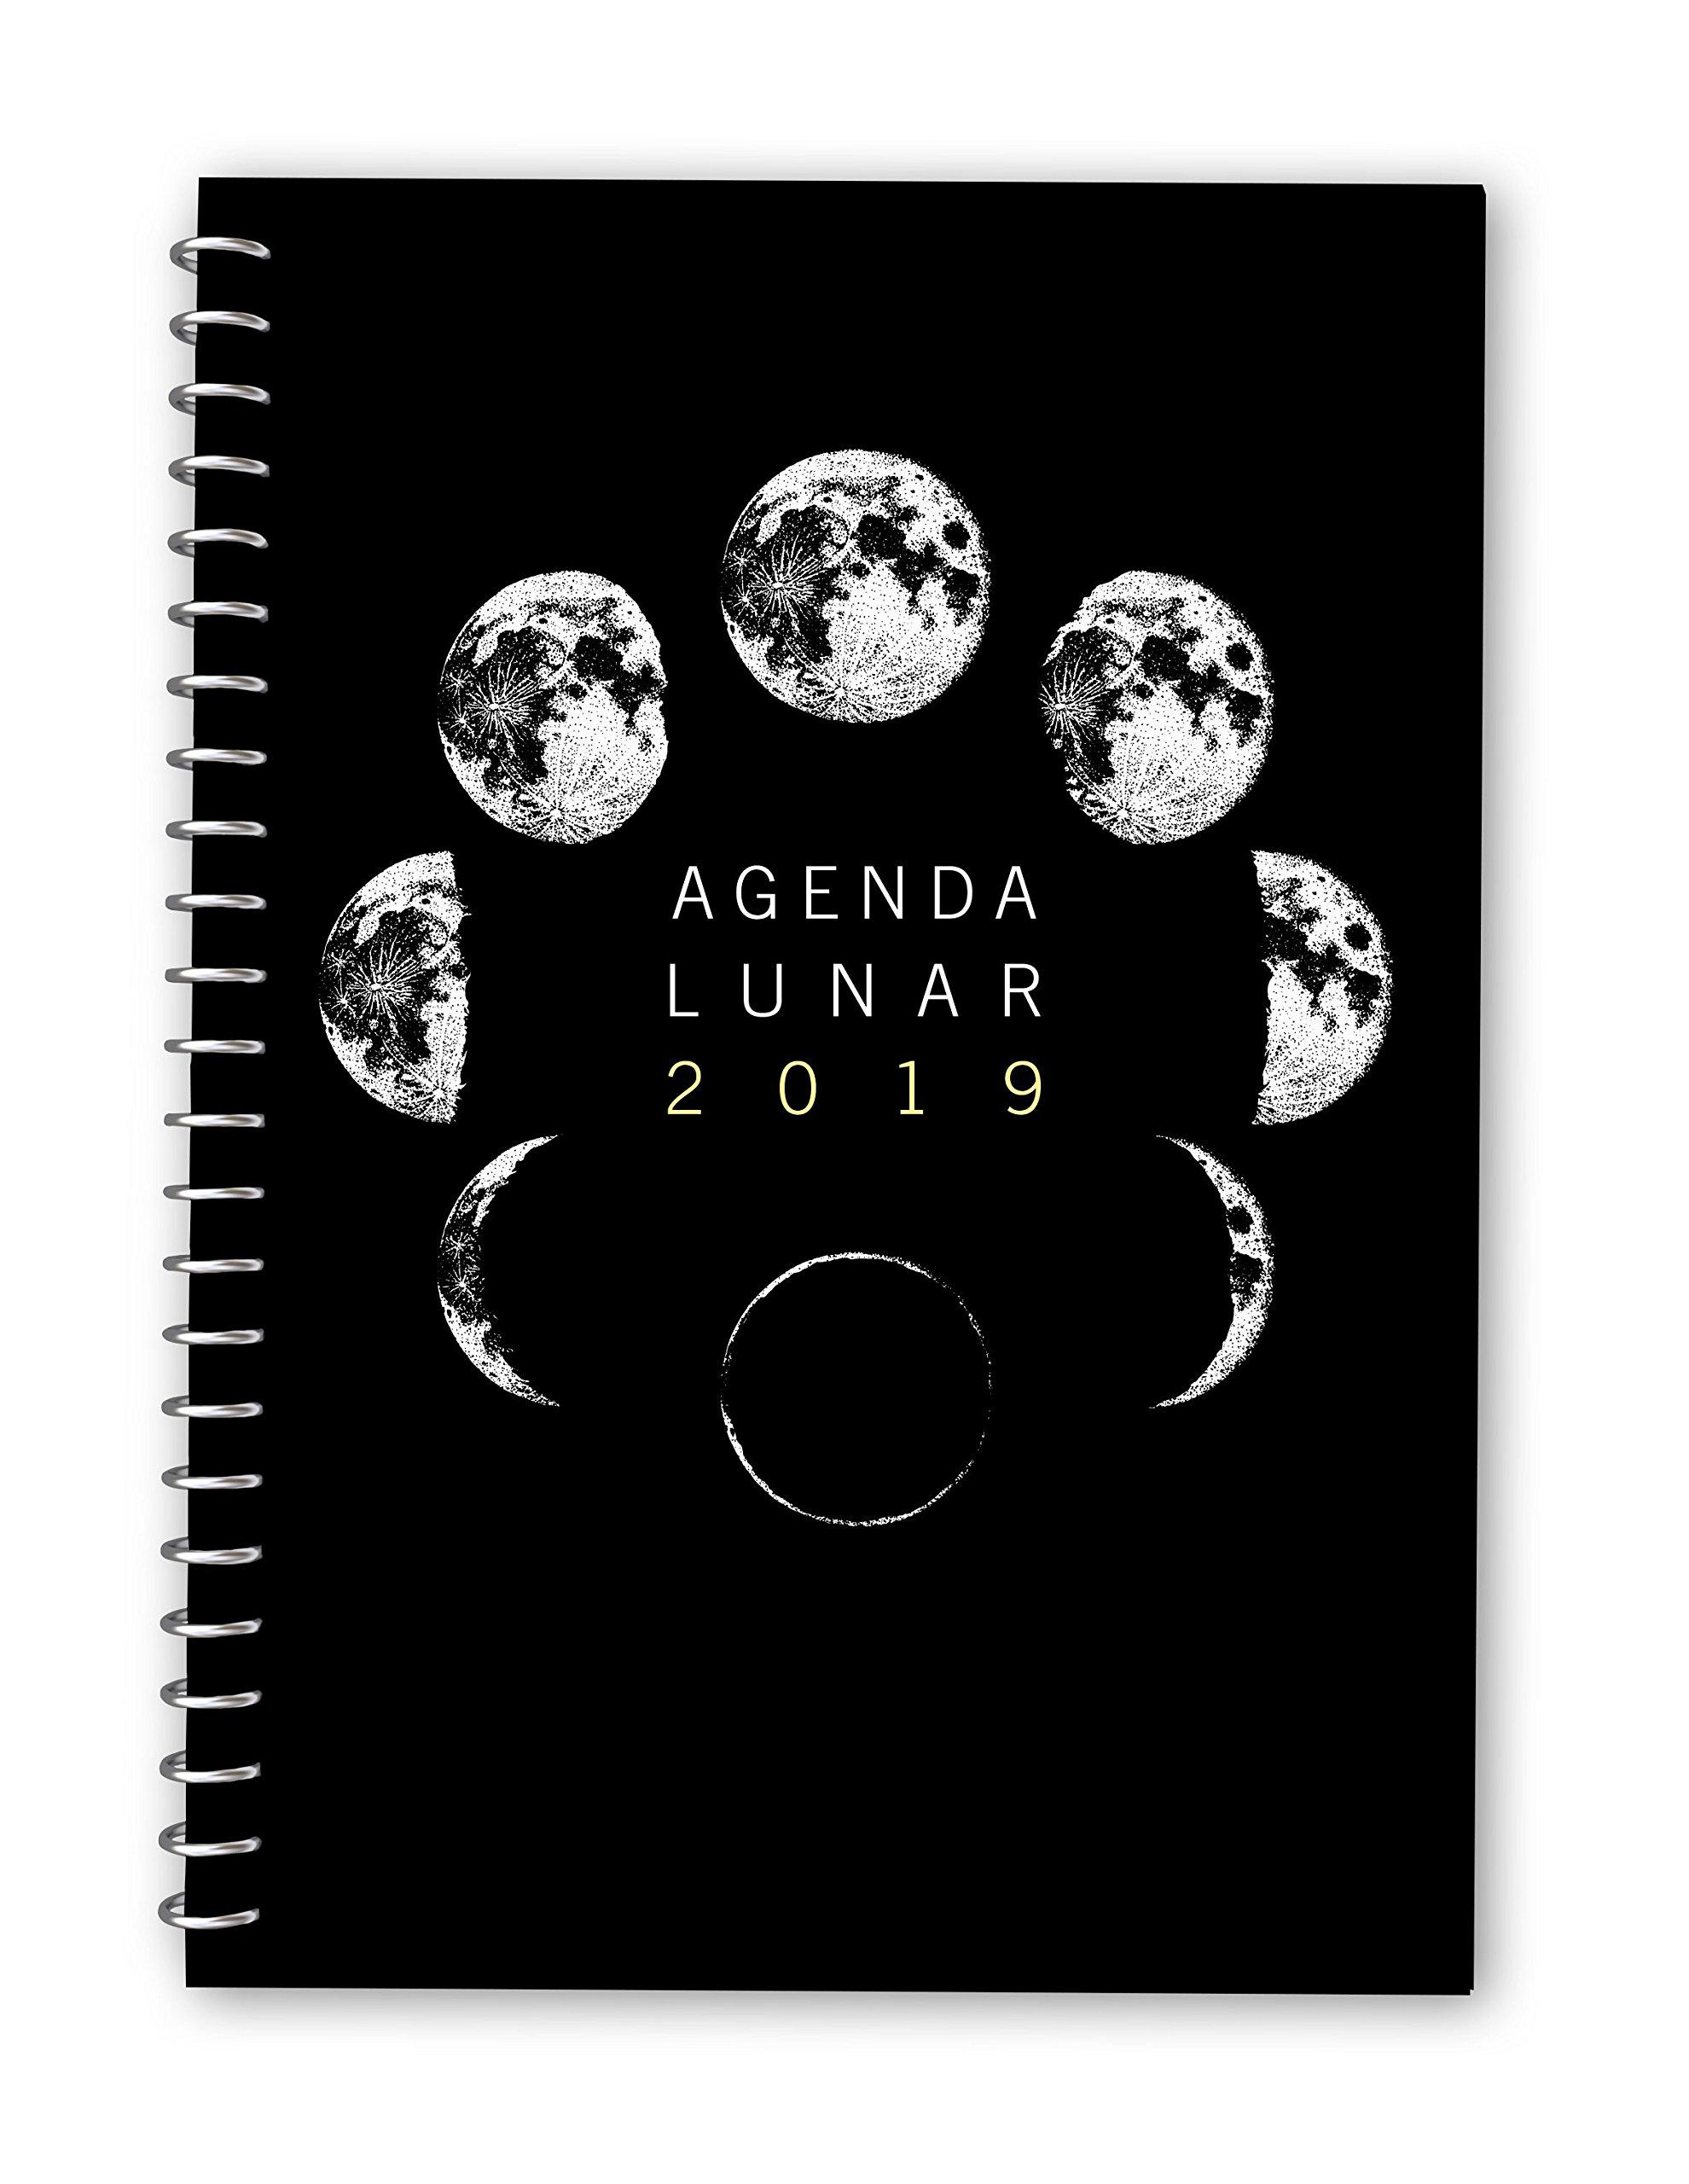 Agenda lunar 2019 (SIN COLECCION): Amazon.es: Colom, Maite: Libros